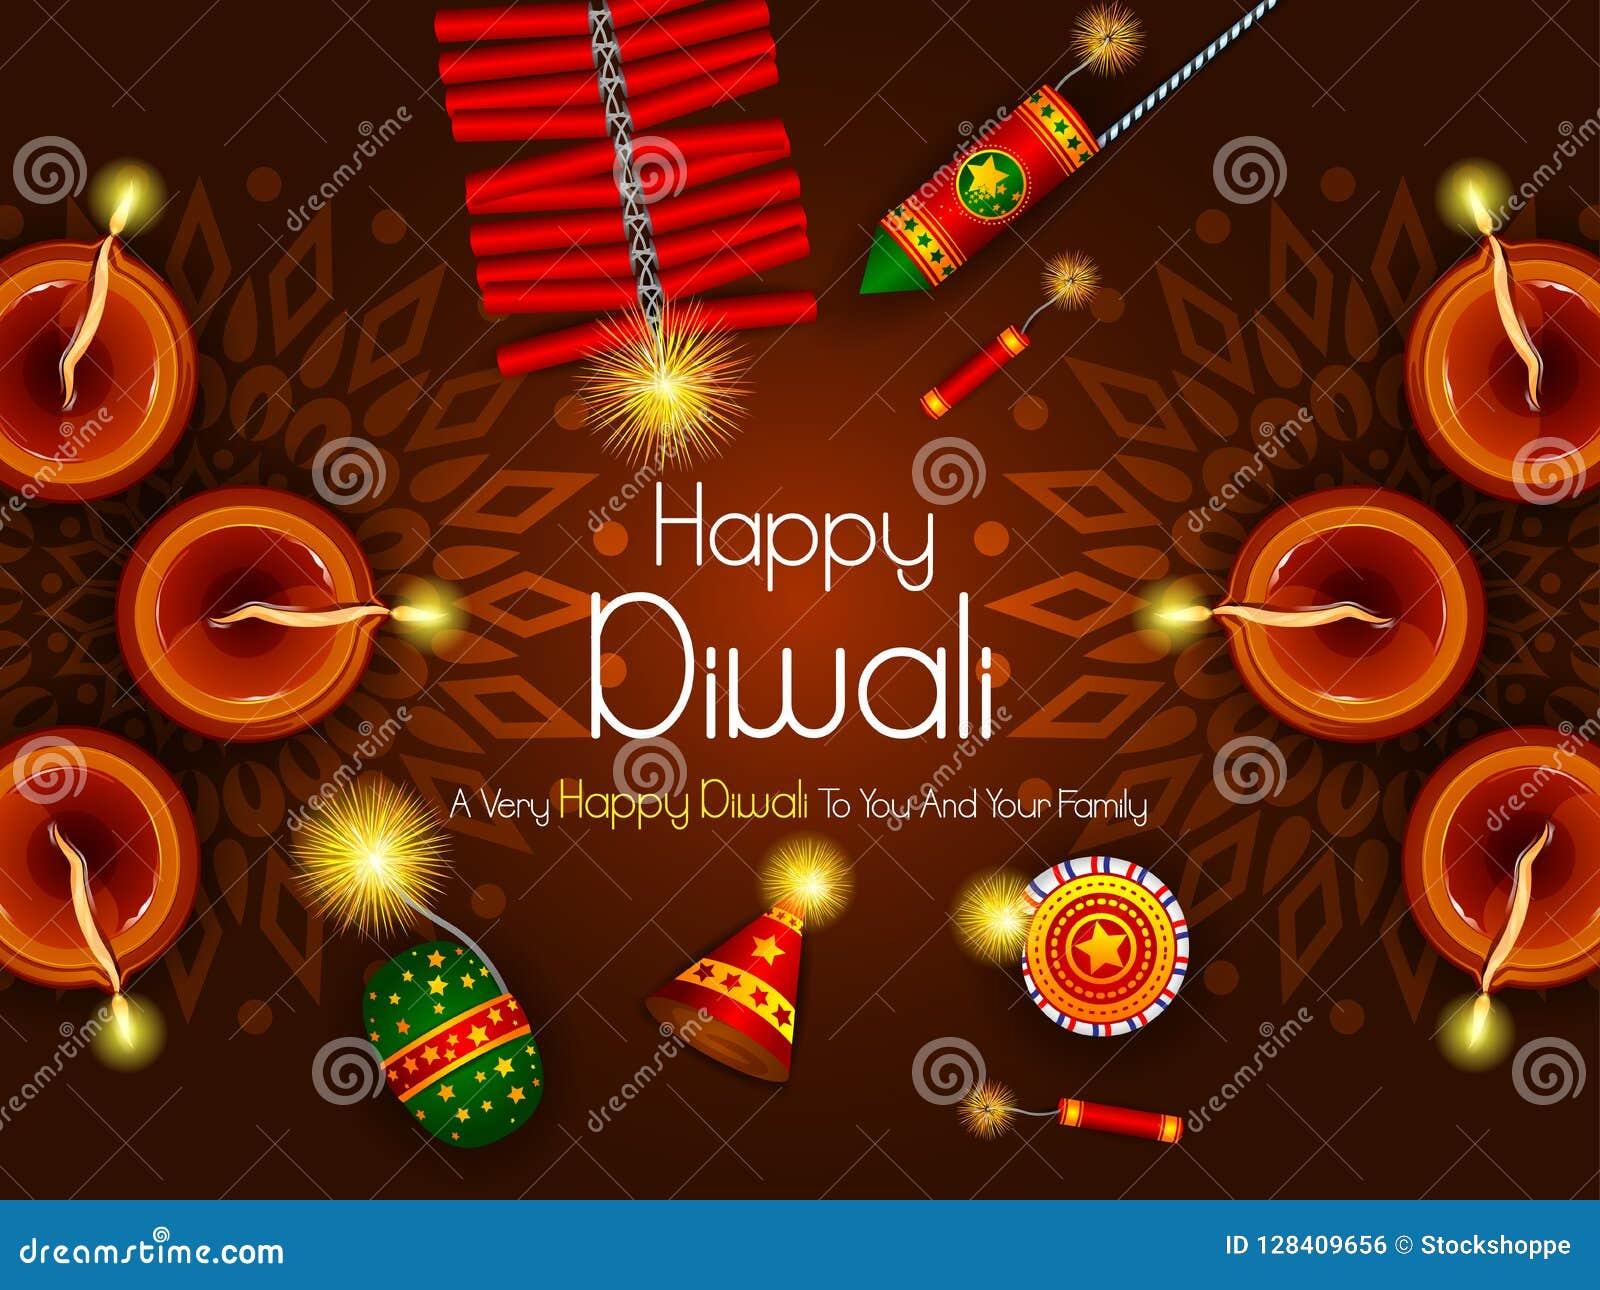 Kleurrijke brandcracker met verfraaide diya voor de Gelukkige Diwali-viering van de festivalvakantie van de groetachtergrond van